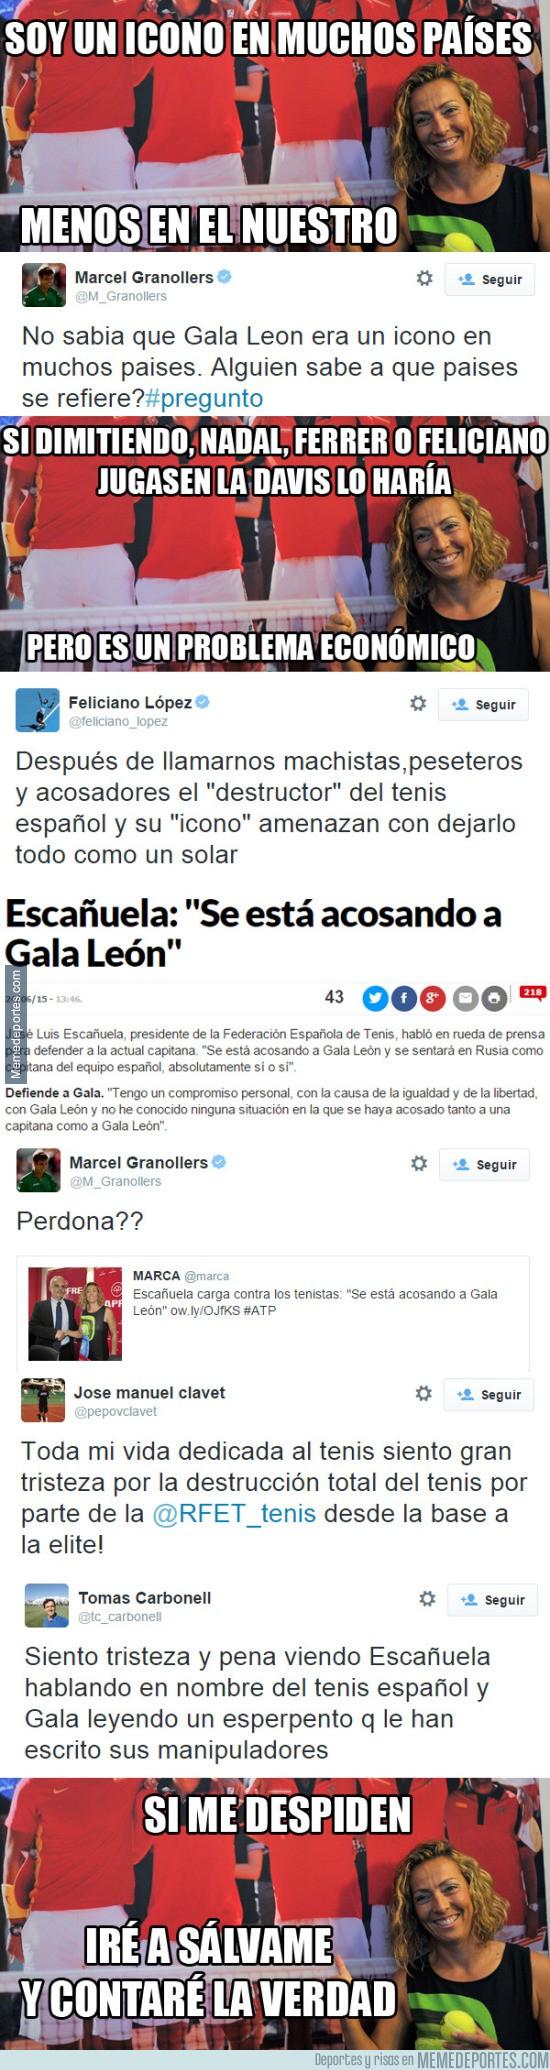 598853 - La polémica con Gala León: los tenistas contraatacan